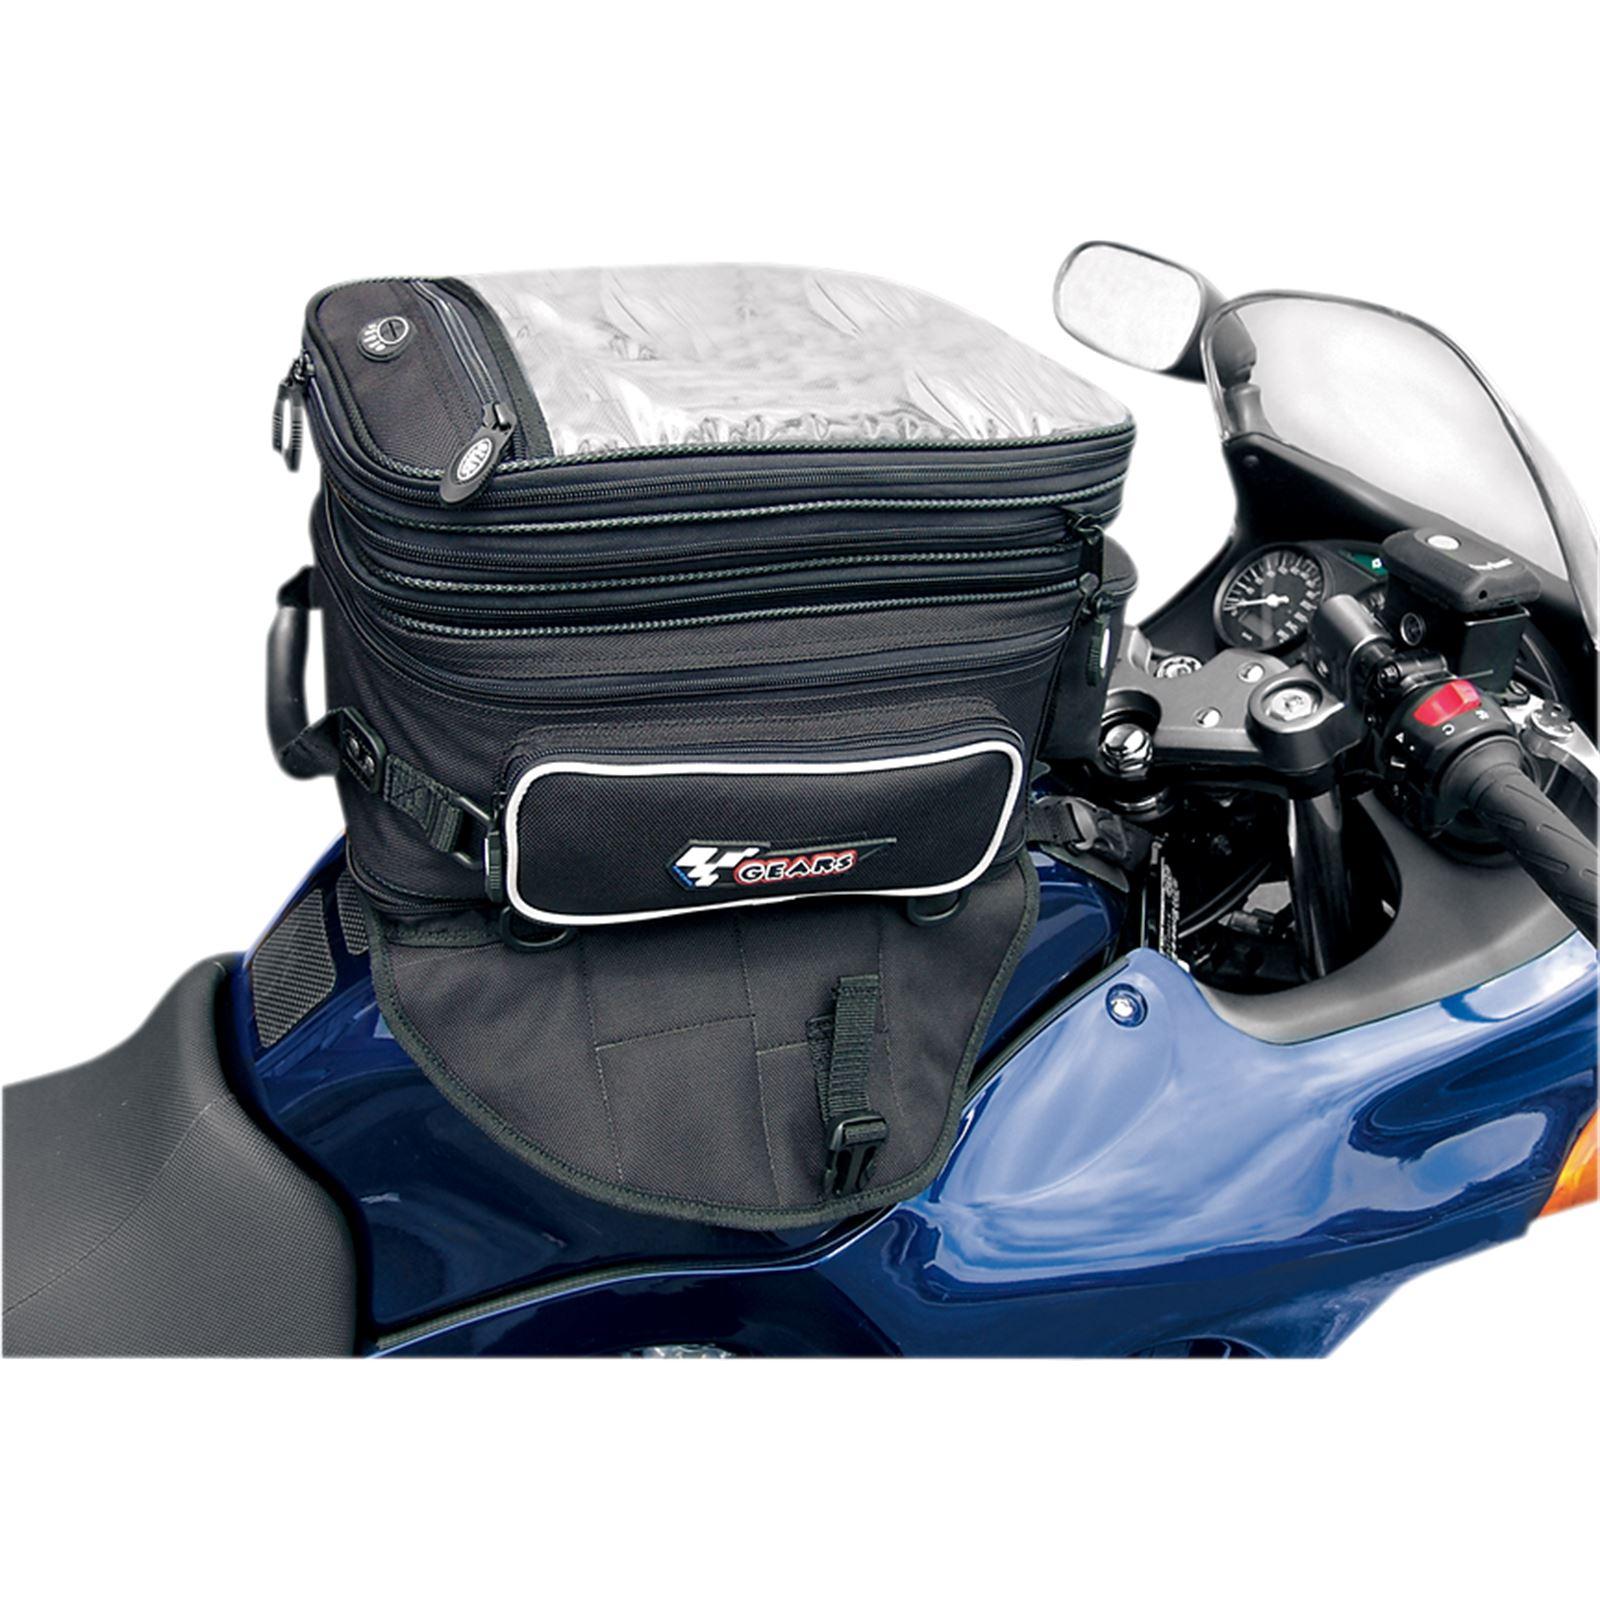 Gears Luggage Tank Bag